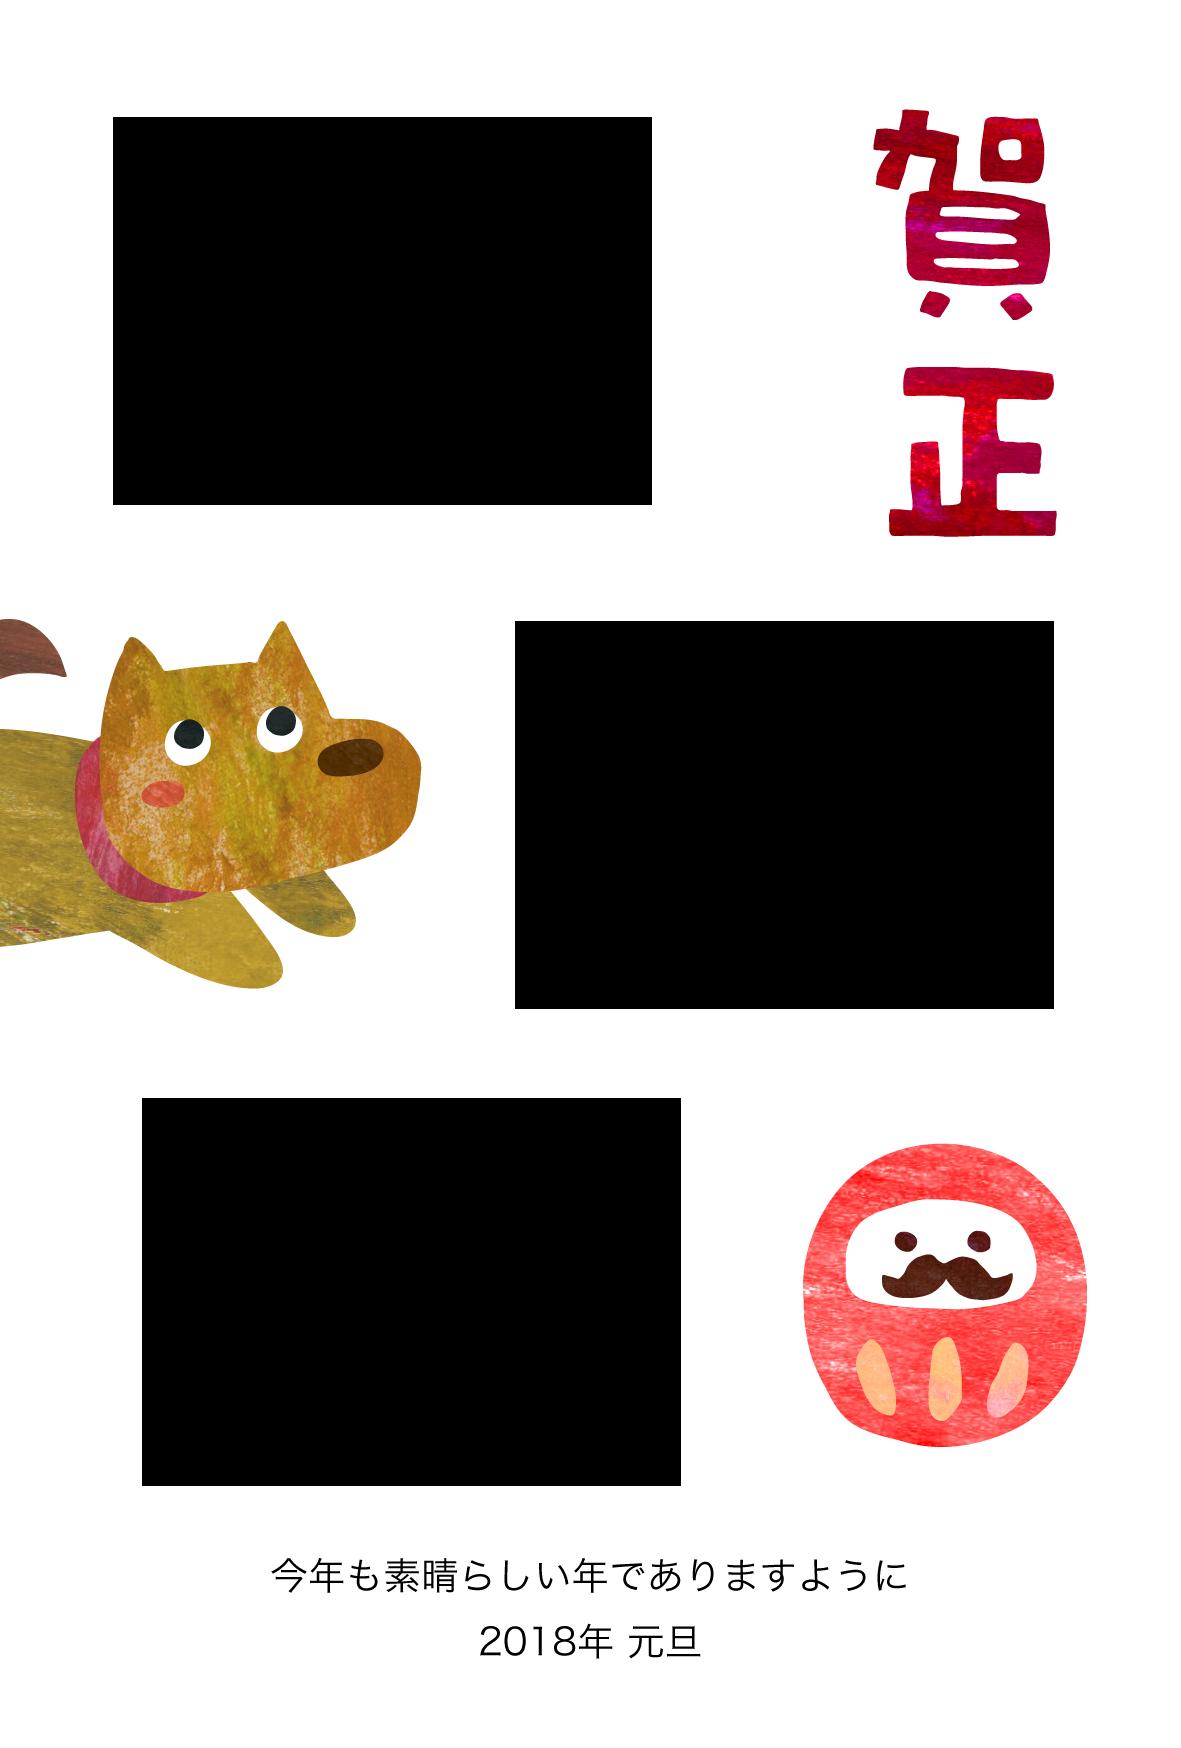 犬とダルマのコラージュイラスト年賀状(戌年・写真フレーム